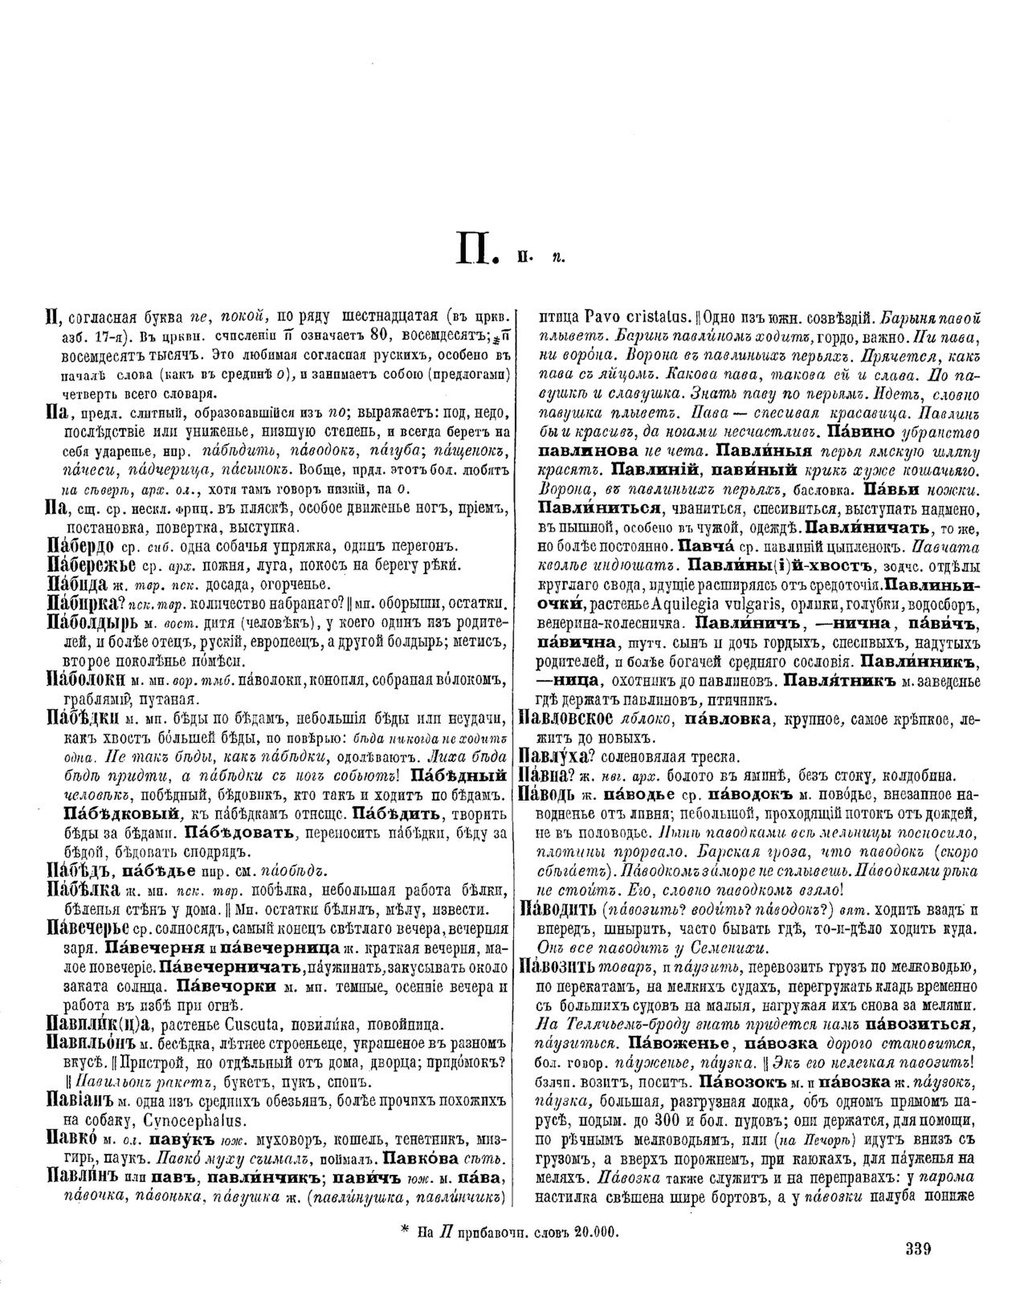 Скачать толковый словарь даль pdf